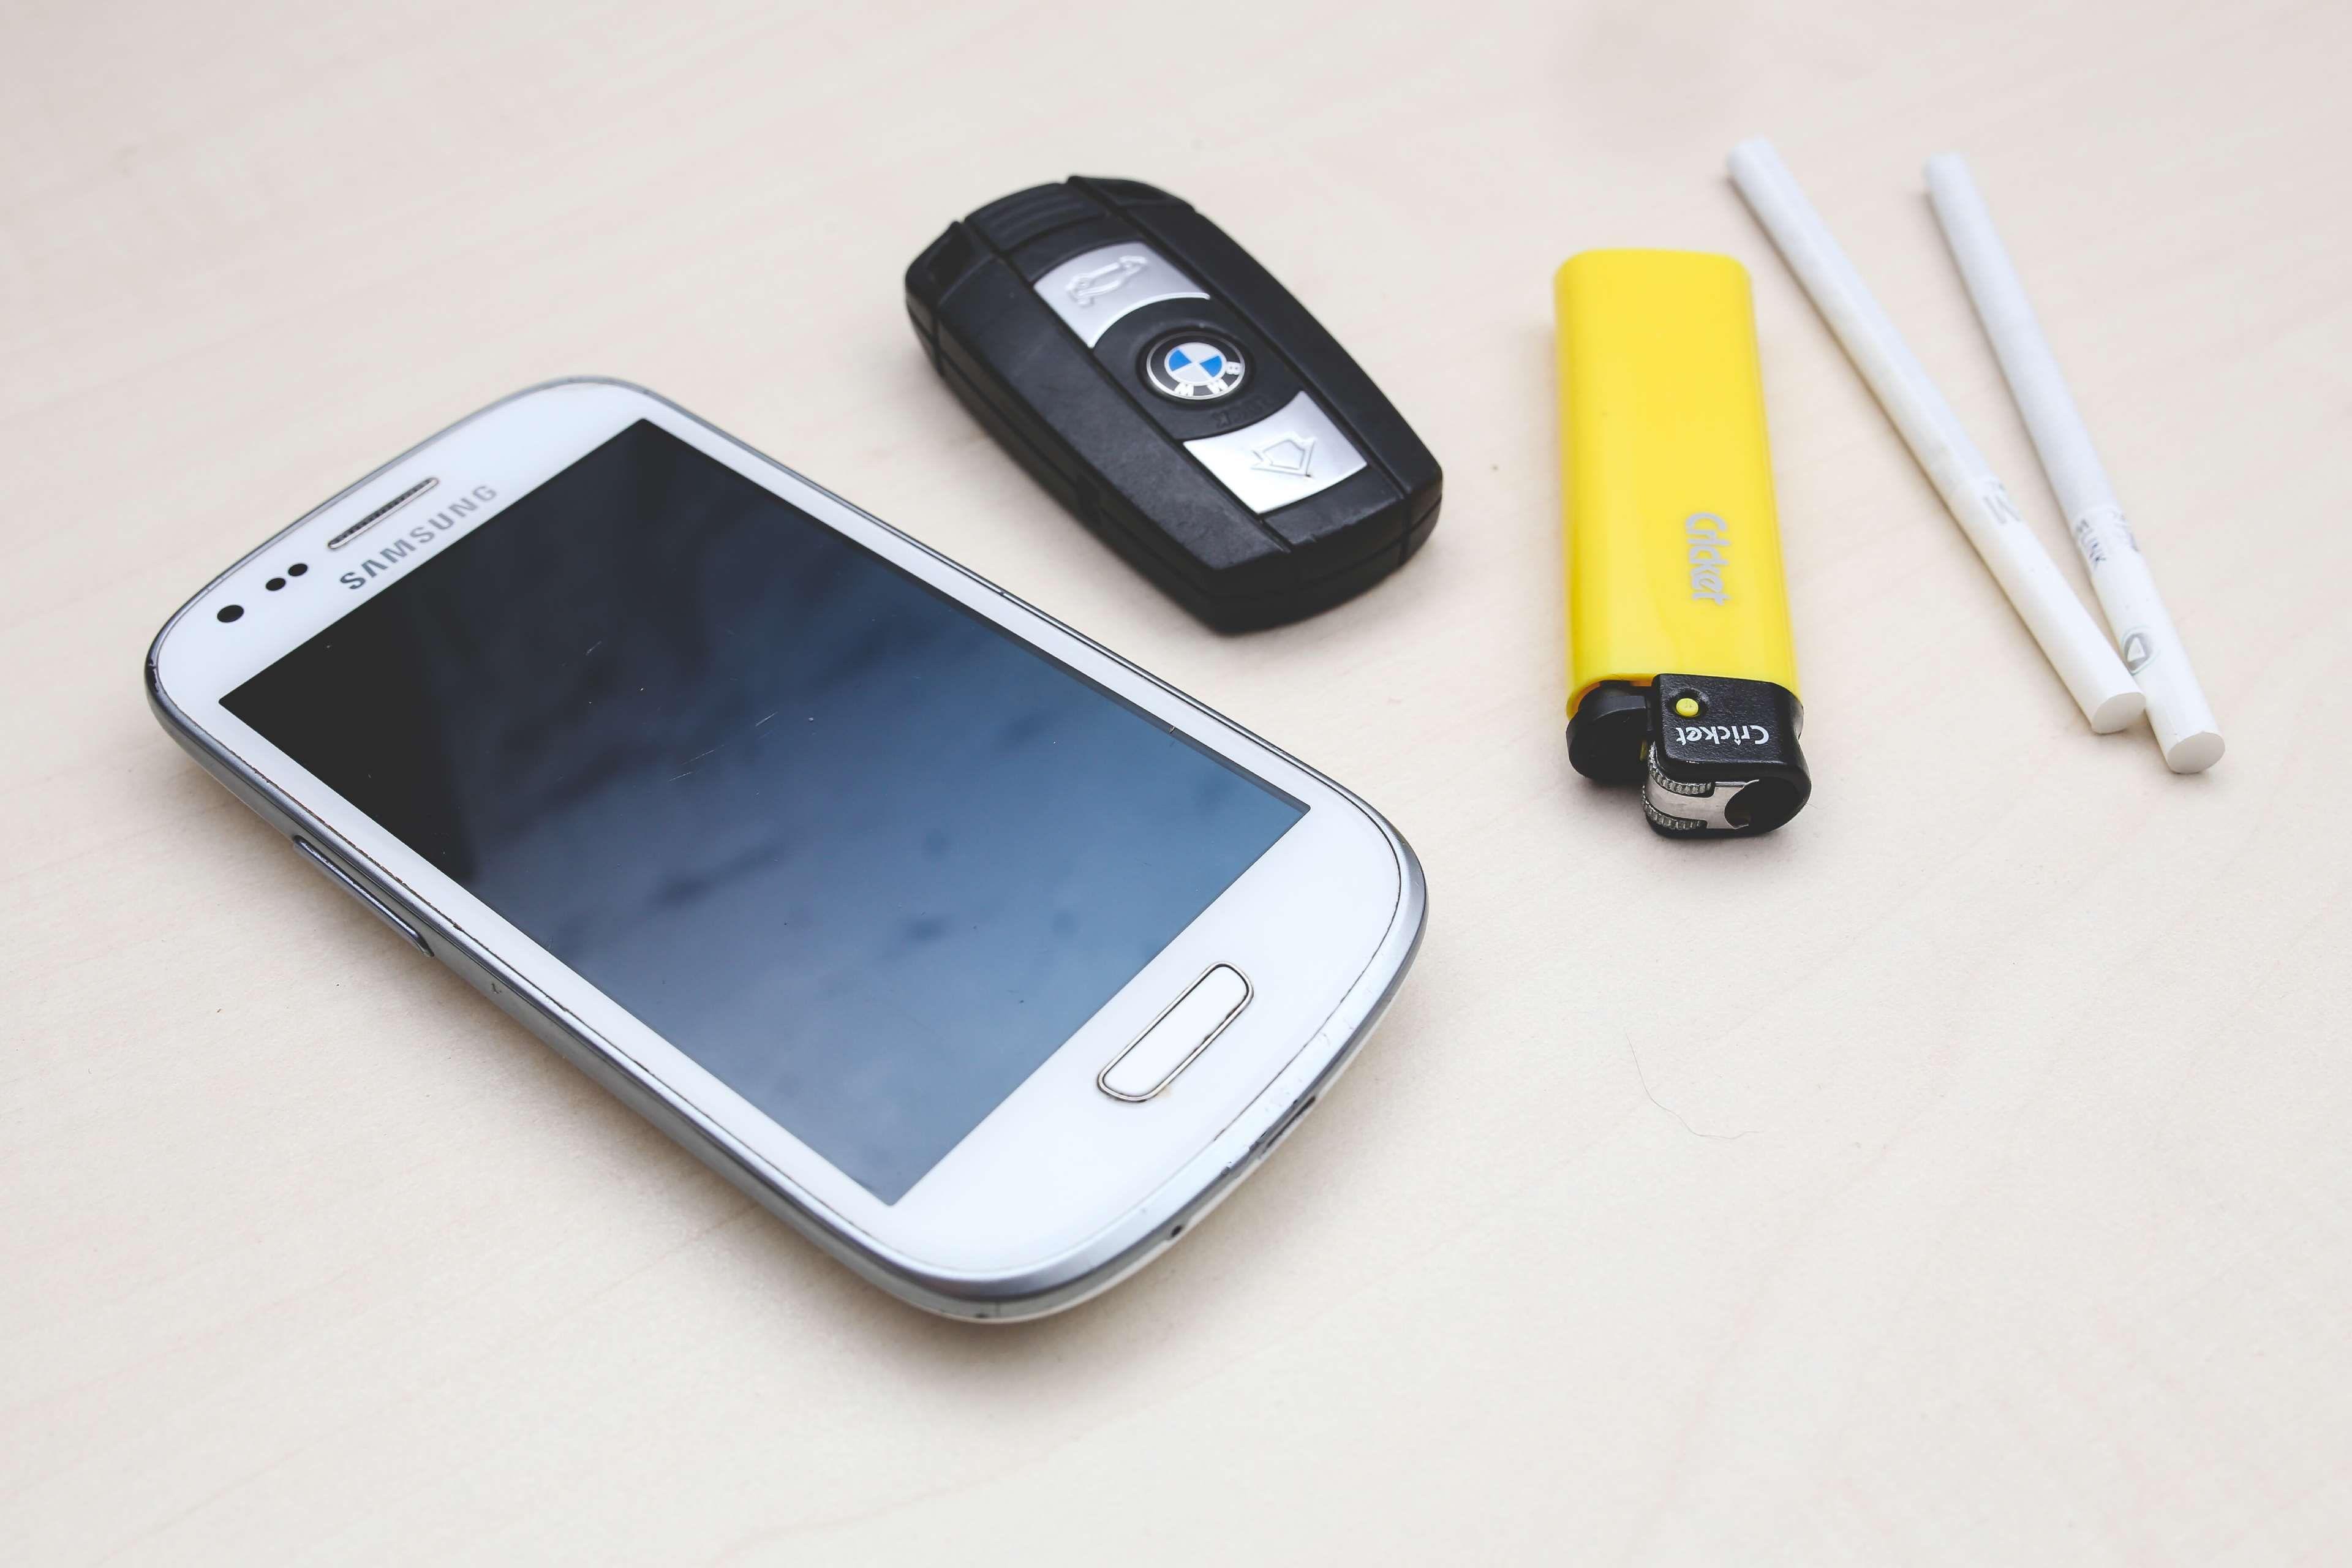 Bmw Car Key Cigarettes Lighter Mobile Phone Samsung